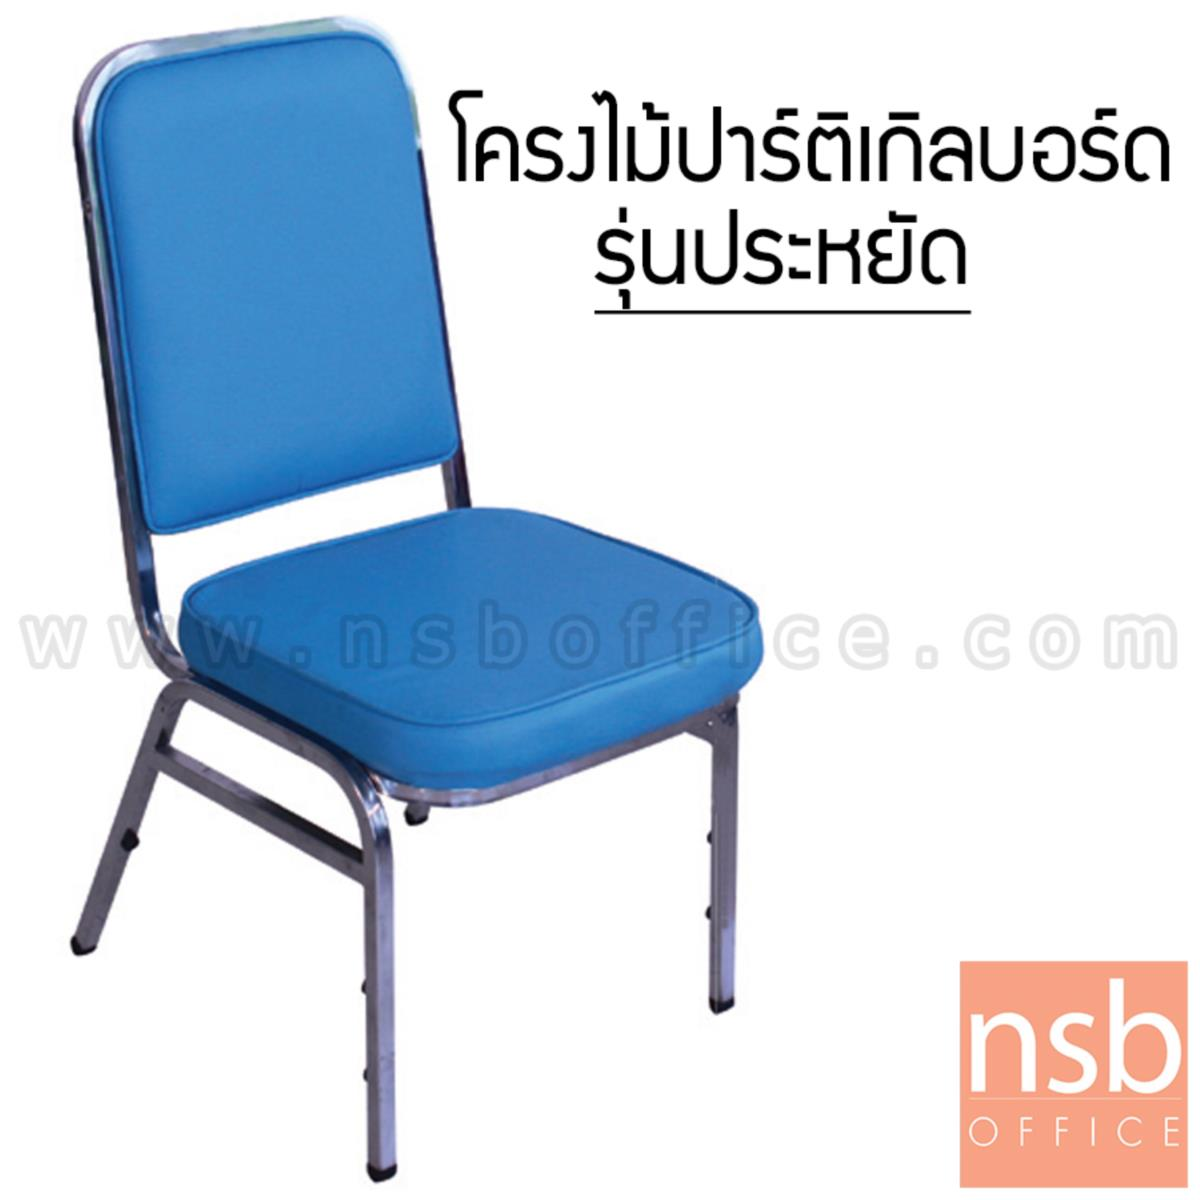 B08A083:เก้าอี้อเนกประสงค์จัดเลี้ยง รุ่น Beatrix (บรีทริกซ์) ขนาด 90H cm. ขาเหล็ก